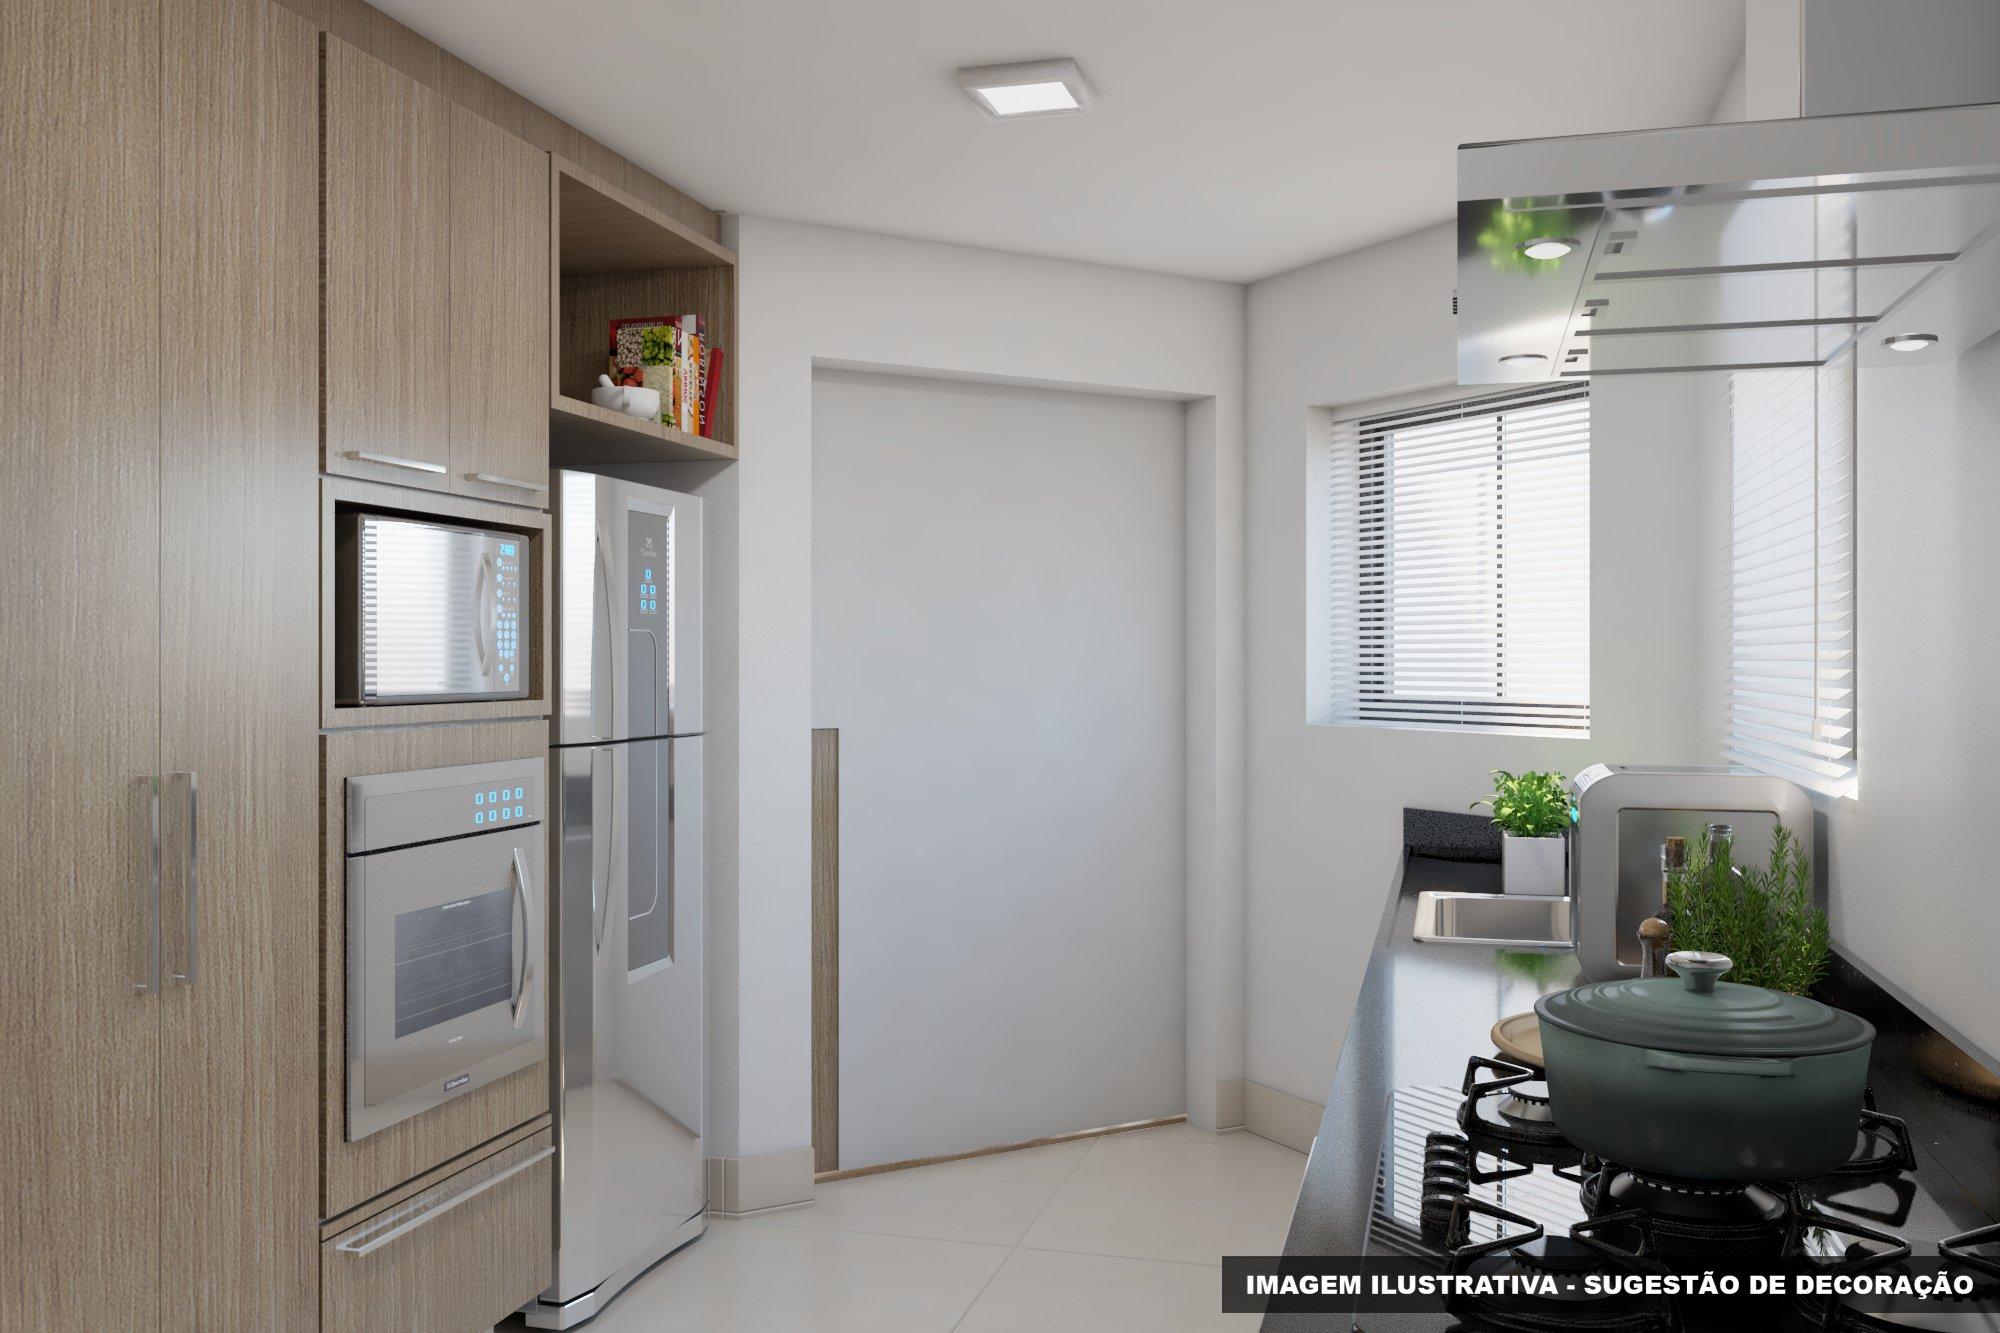 Foto de Cozinha com vaso de planta, pia